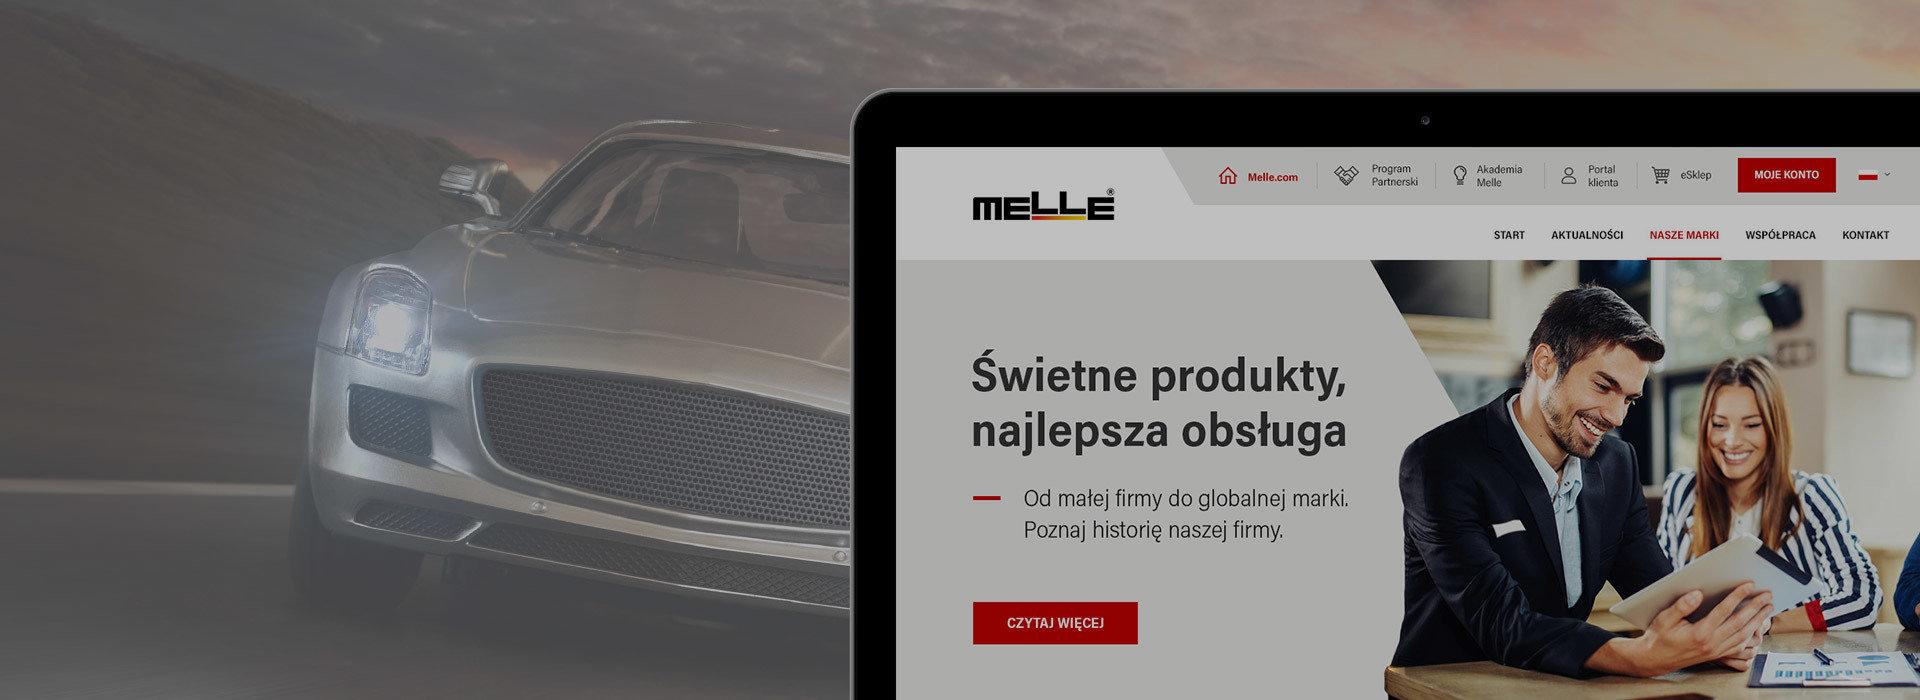 Melle – Rebranding serwisów www dla lidera na polskim rynku